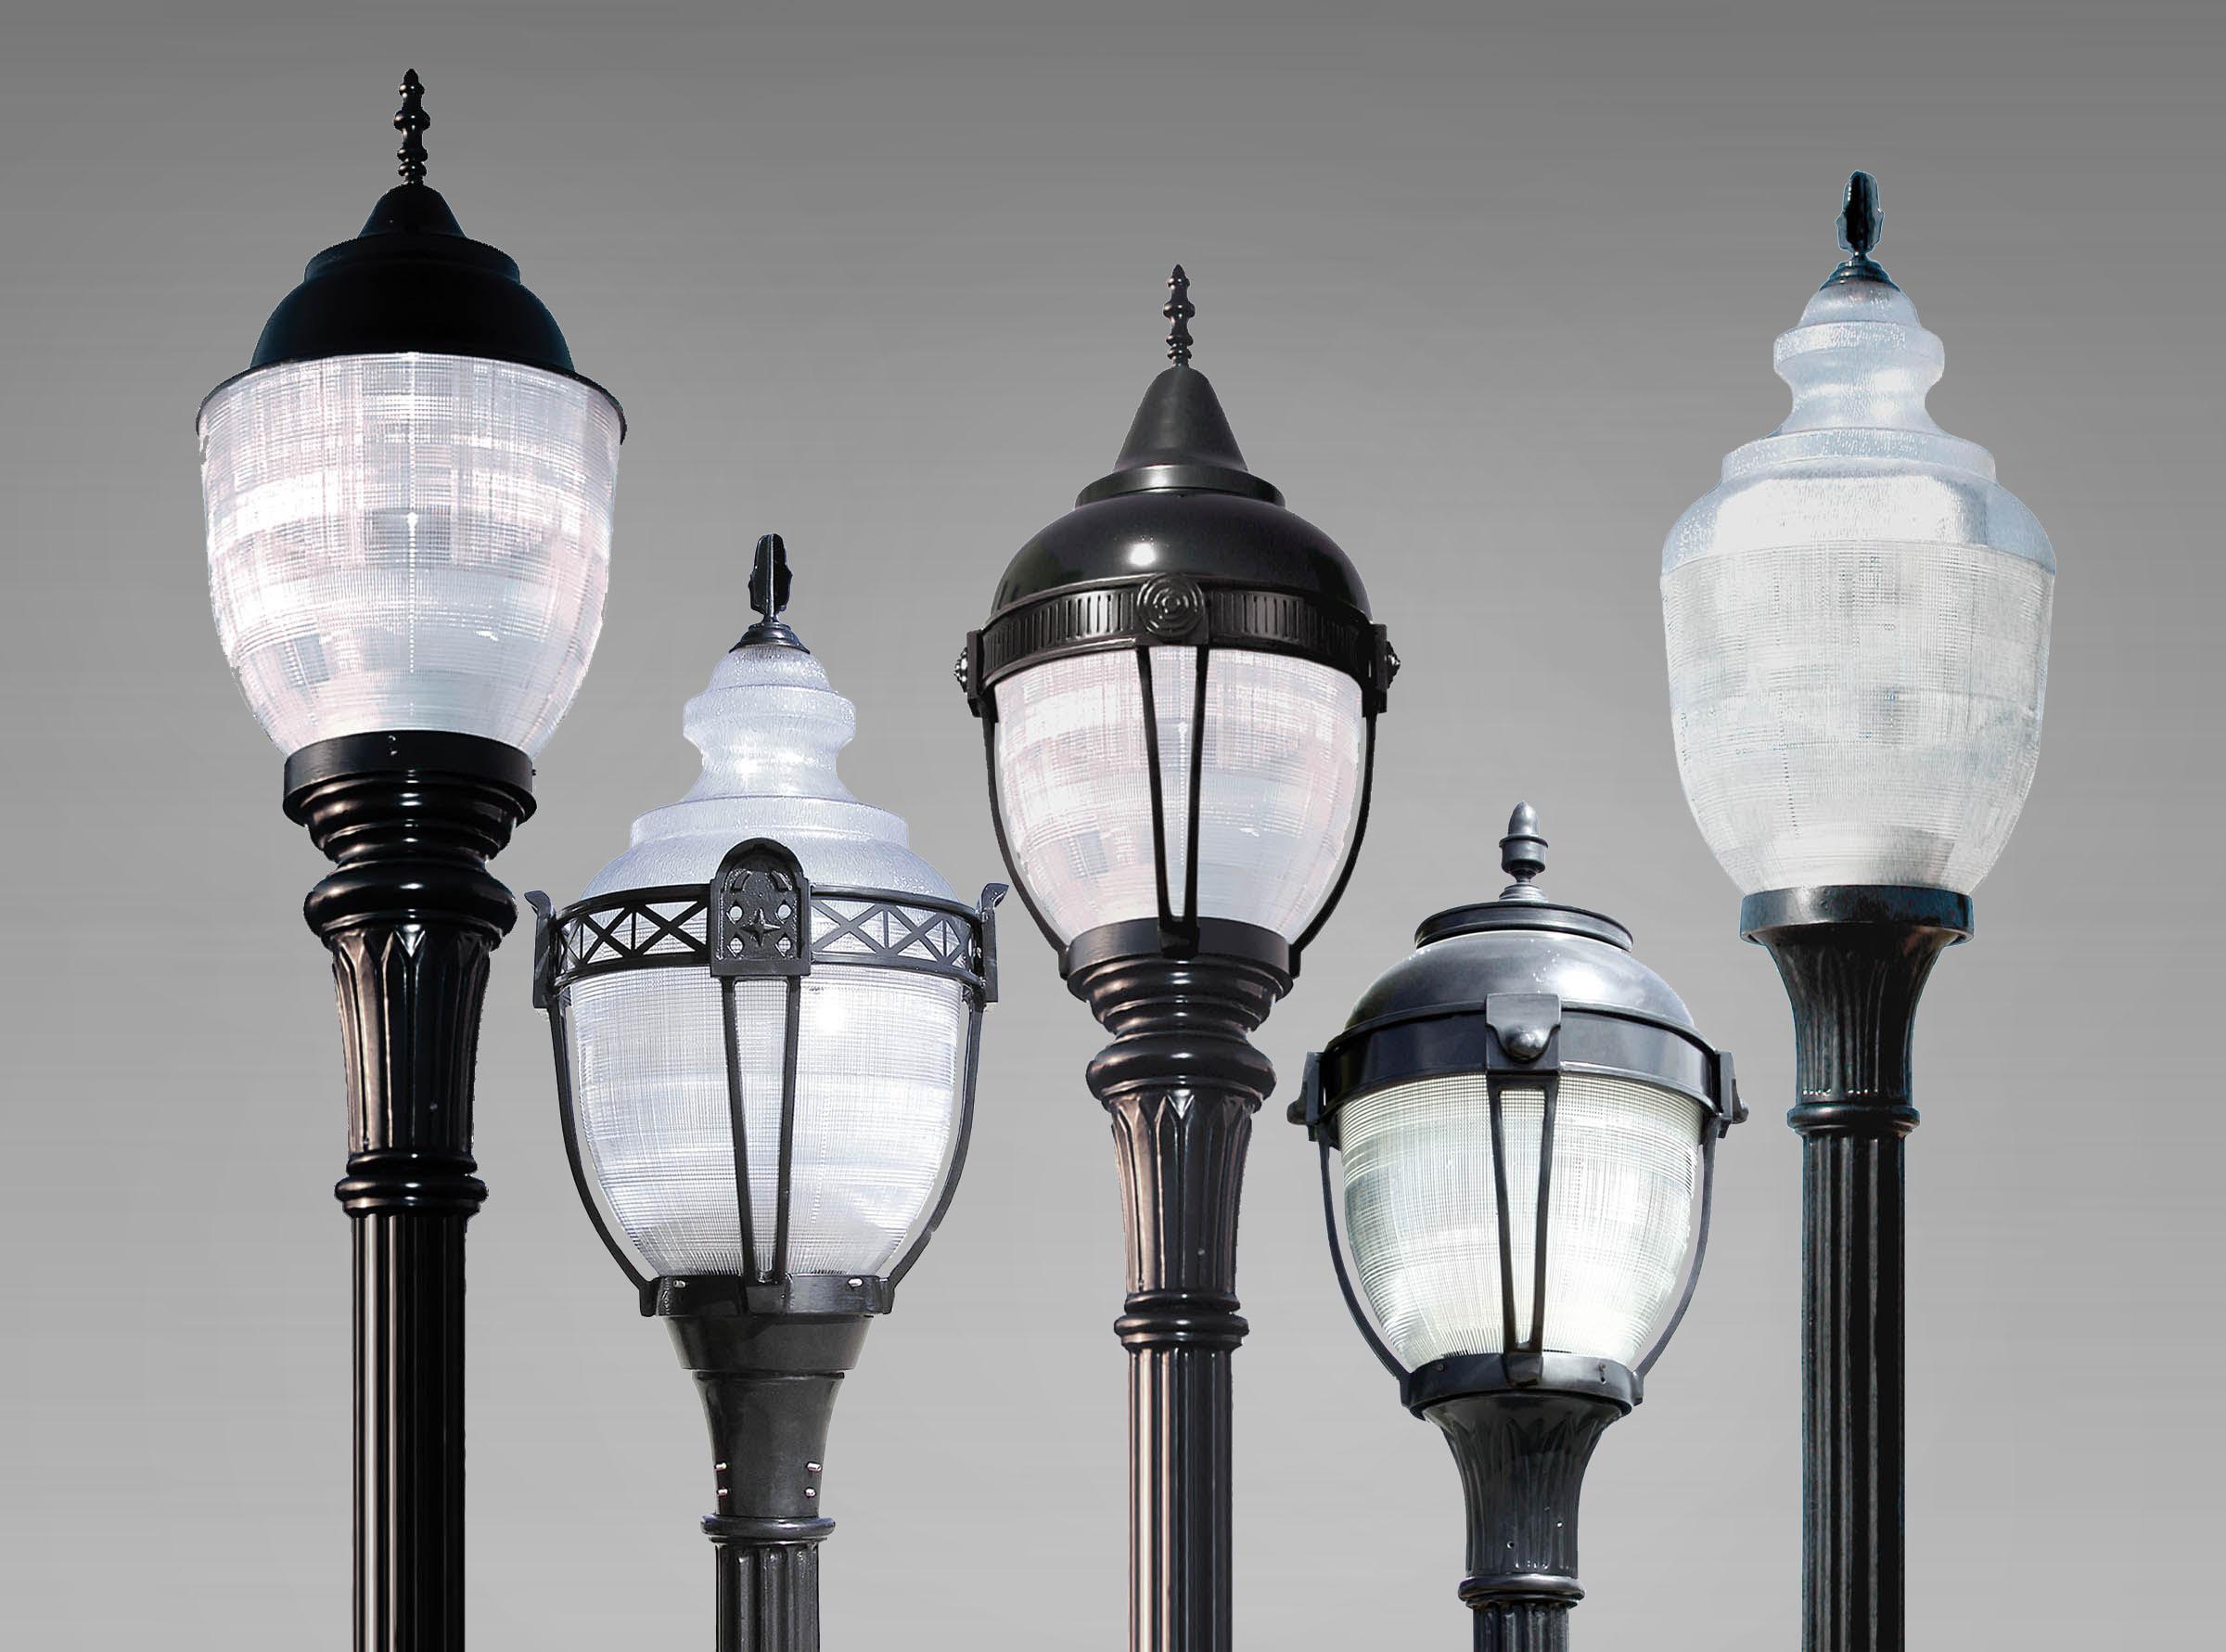 RG LED Series prismatic acorn luminaires